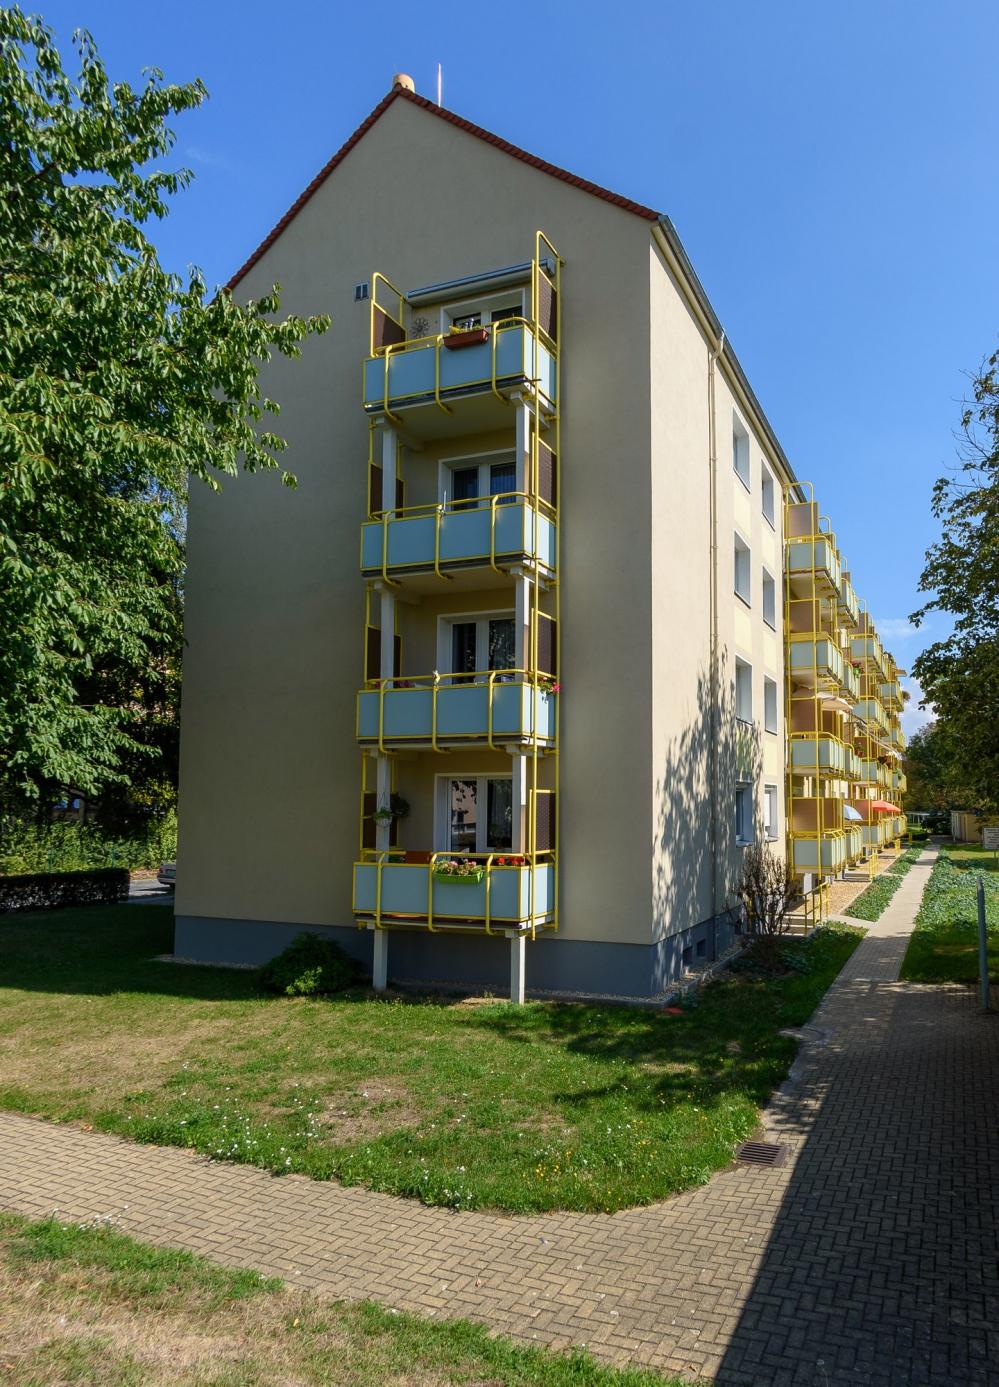 J.-R.-Becher-Straße 2-8